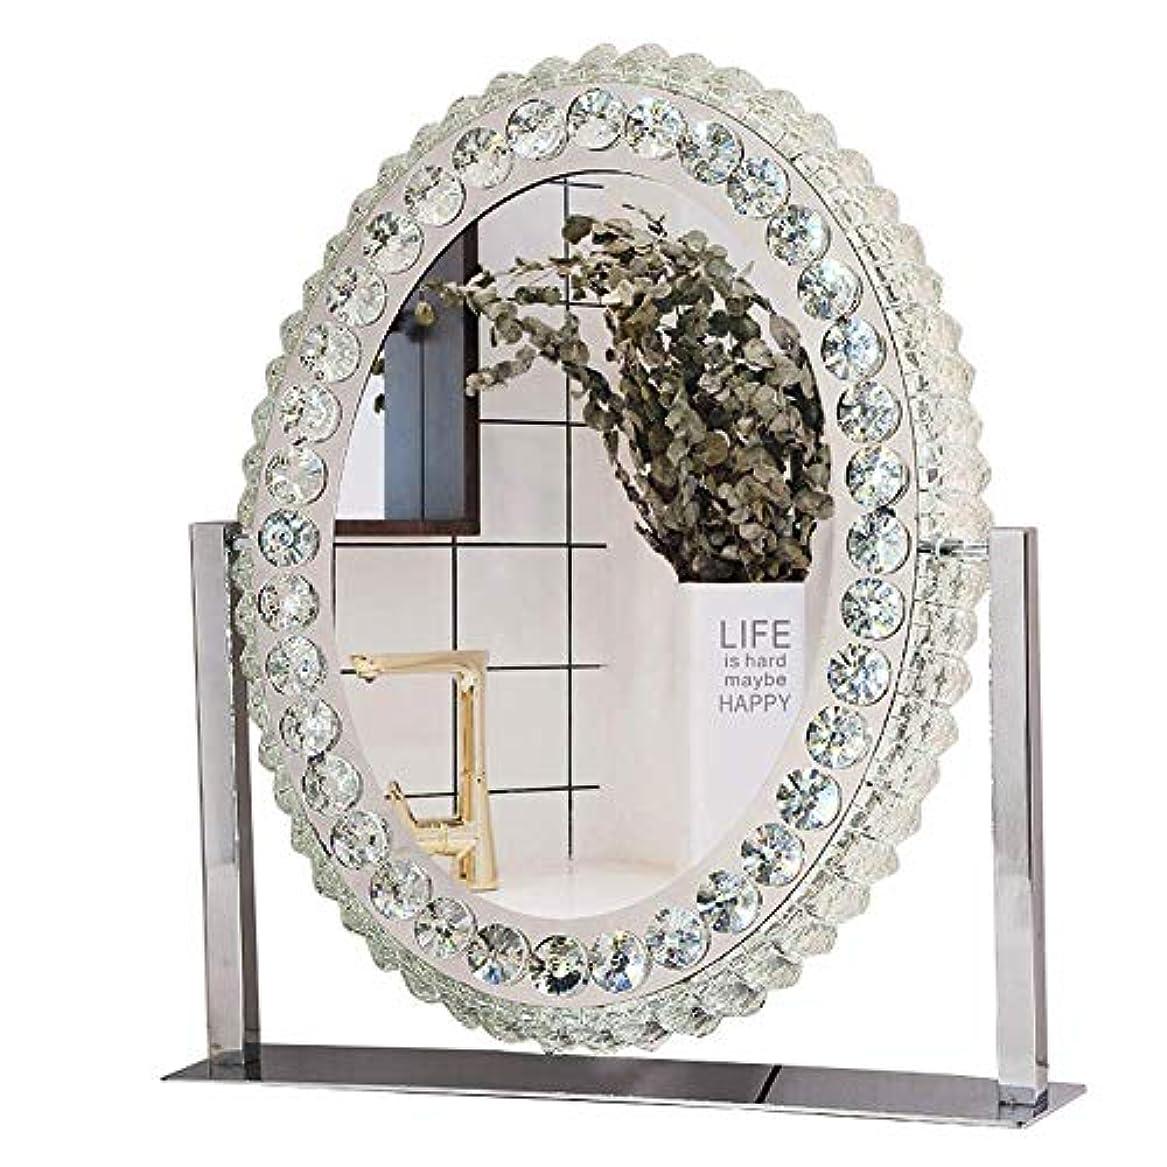 電化する風味分子鏡 ラウンドLED化粧鏡 照明付き クリスタル 化粧鏡 デスクトップ フィルライト360°回転